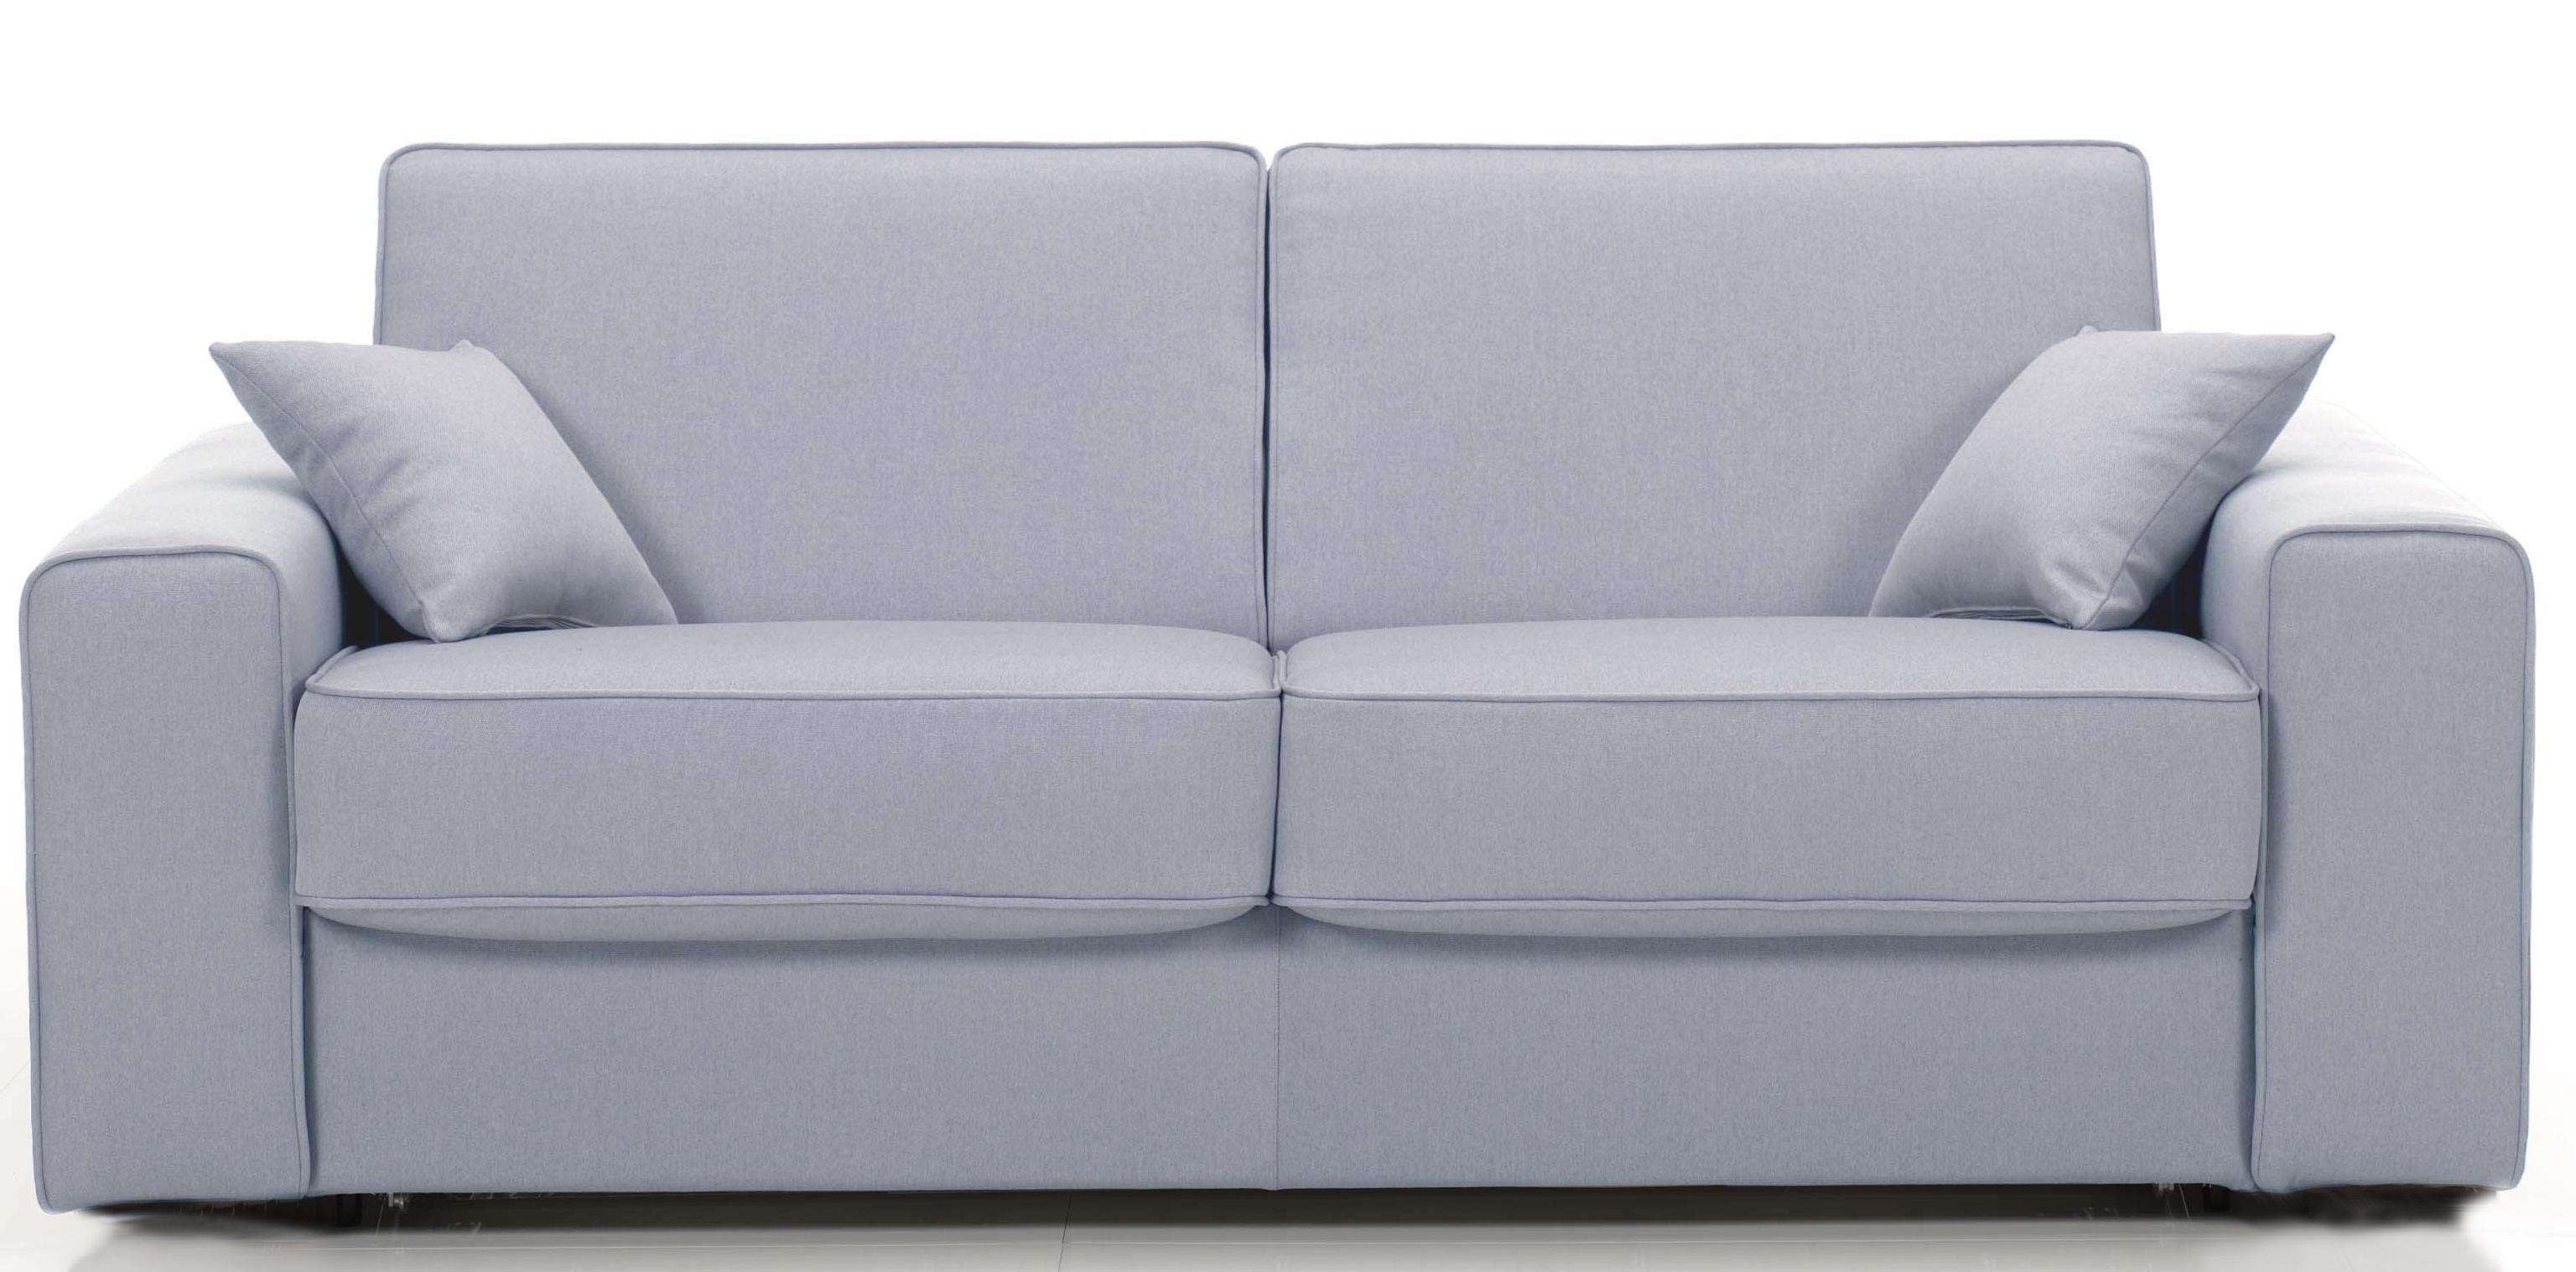 canap 3 places bultex rapido rev tement microfibre gris clair sunrise. Black Bedroom Furniture Sets. Home Design Ideas